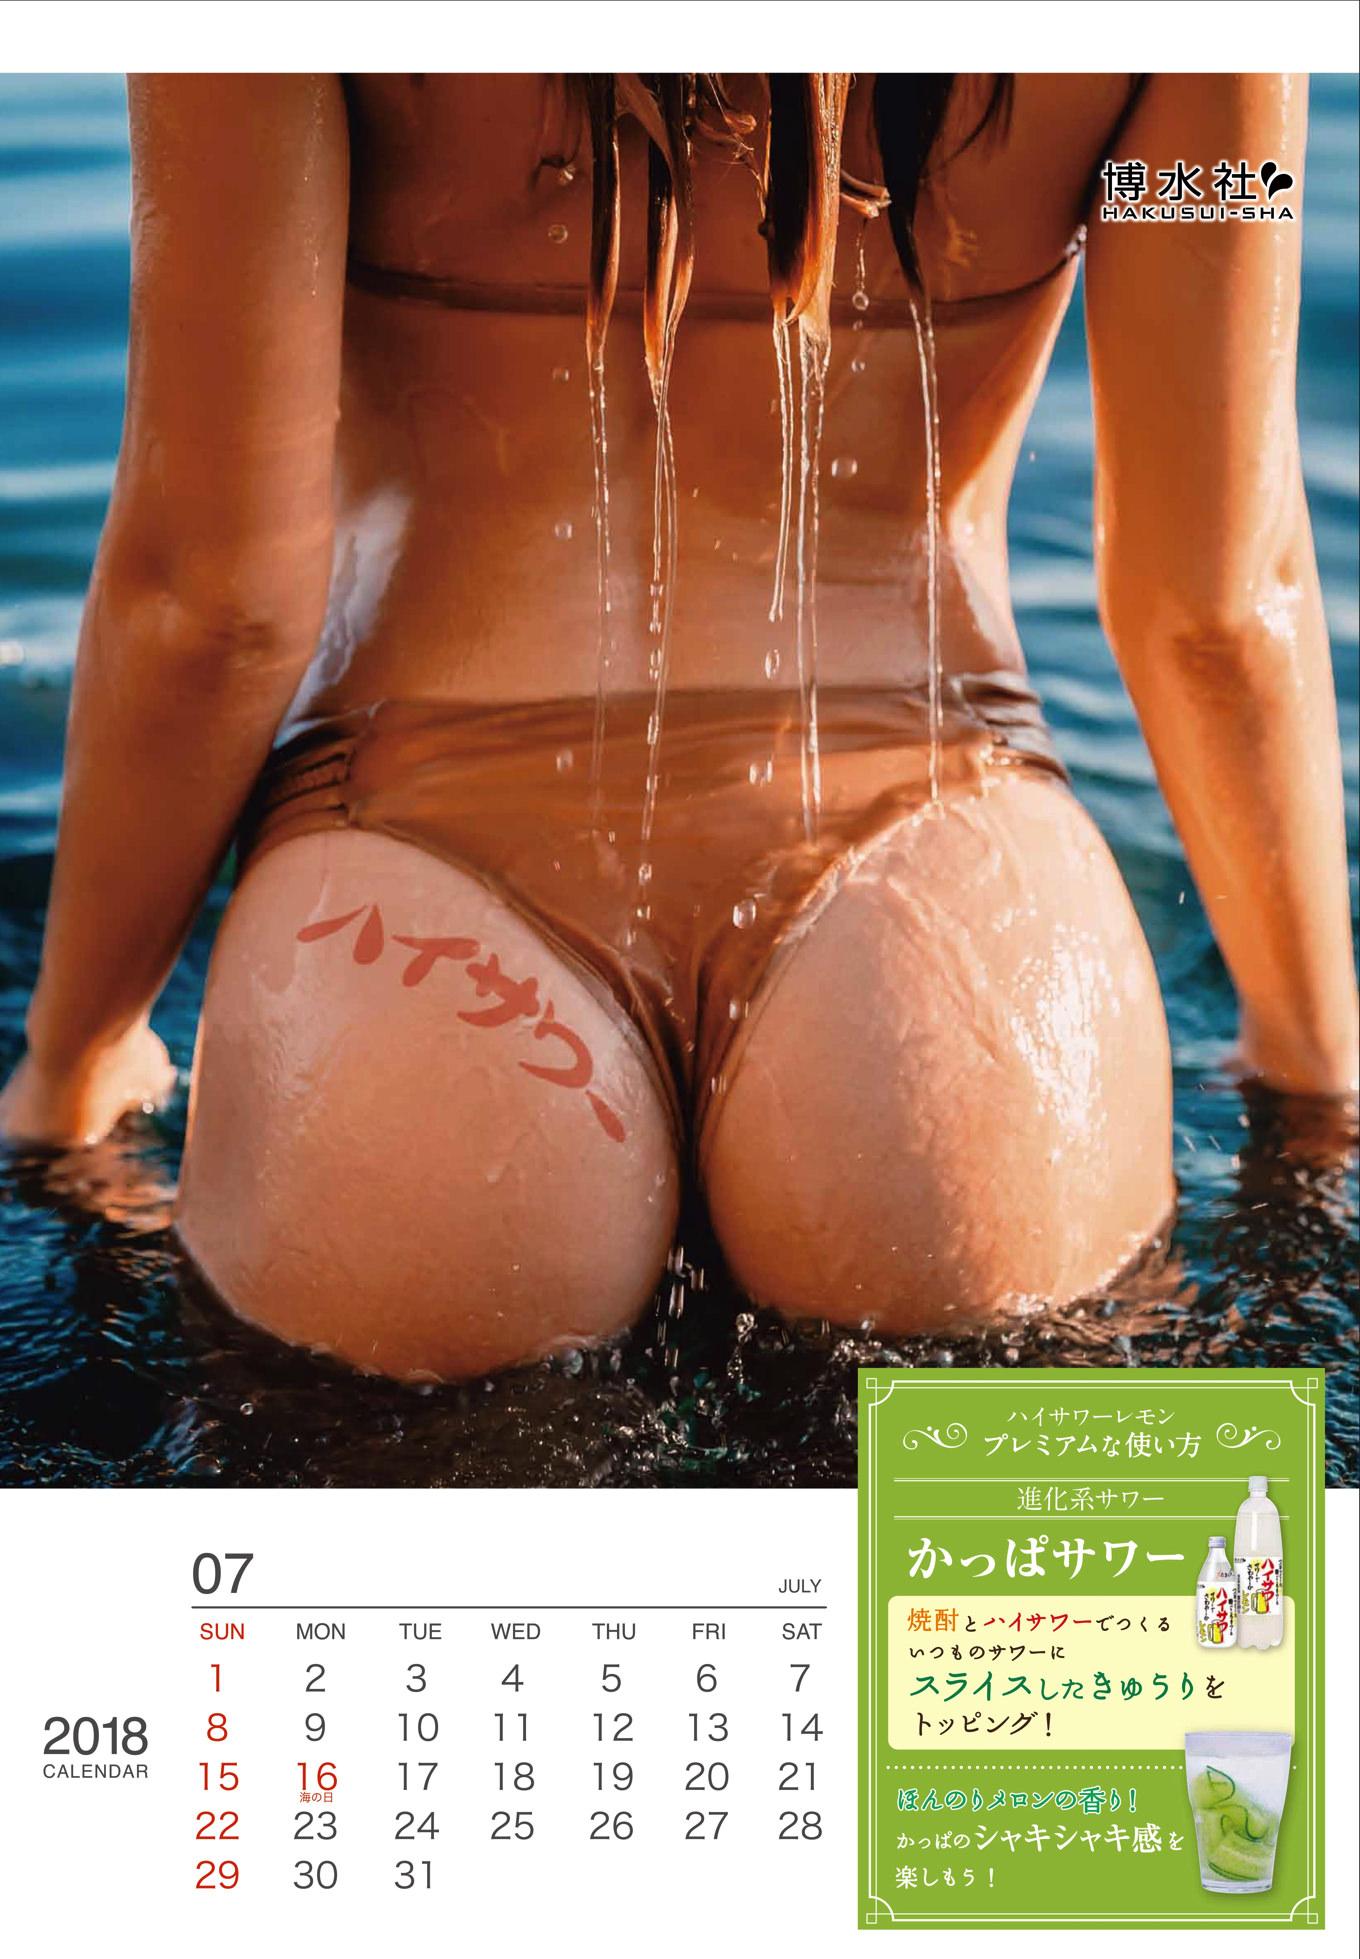 【7月】美尻カレンダー2018_13枚版